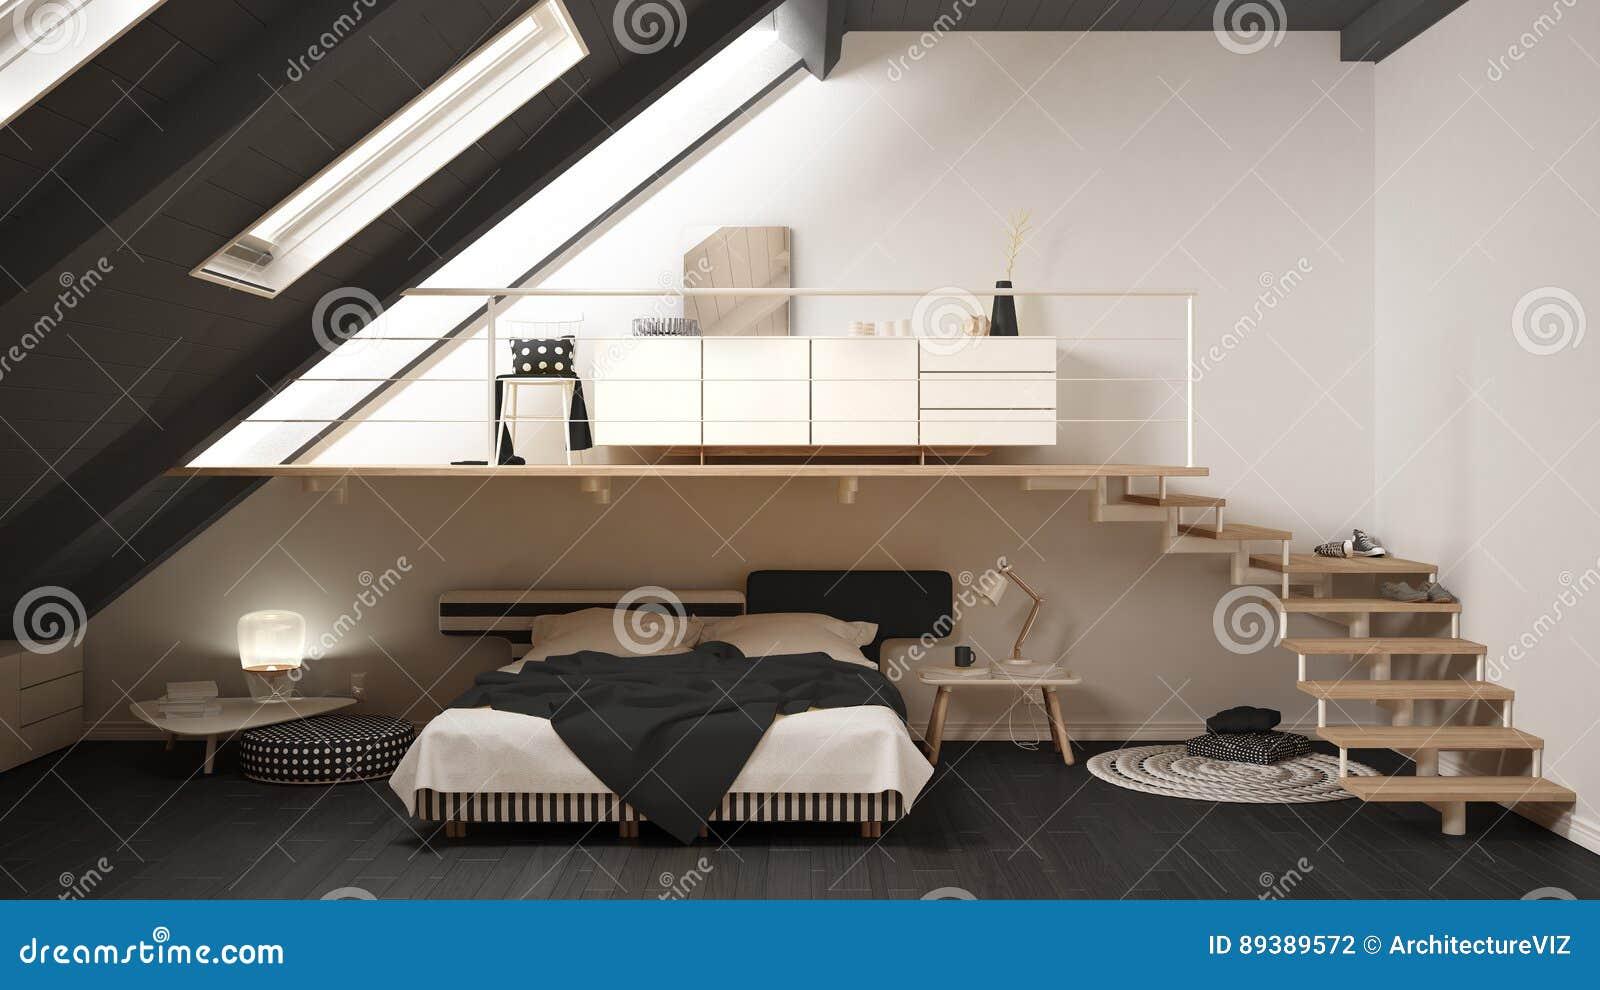 Mandi in aria la c bianca e grigia minimalista scandinava for Camera da letto bianca e grigia